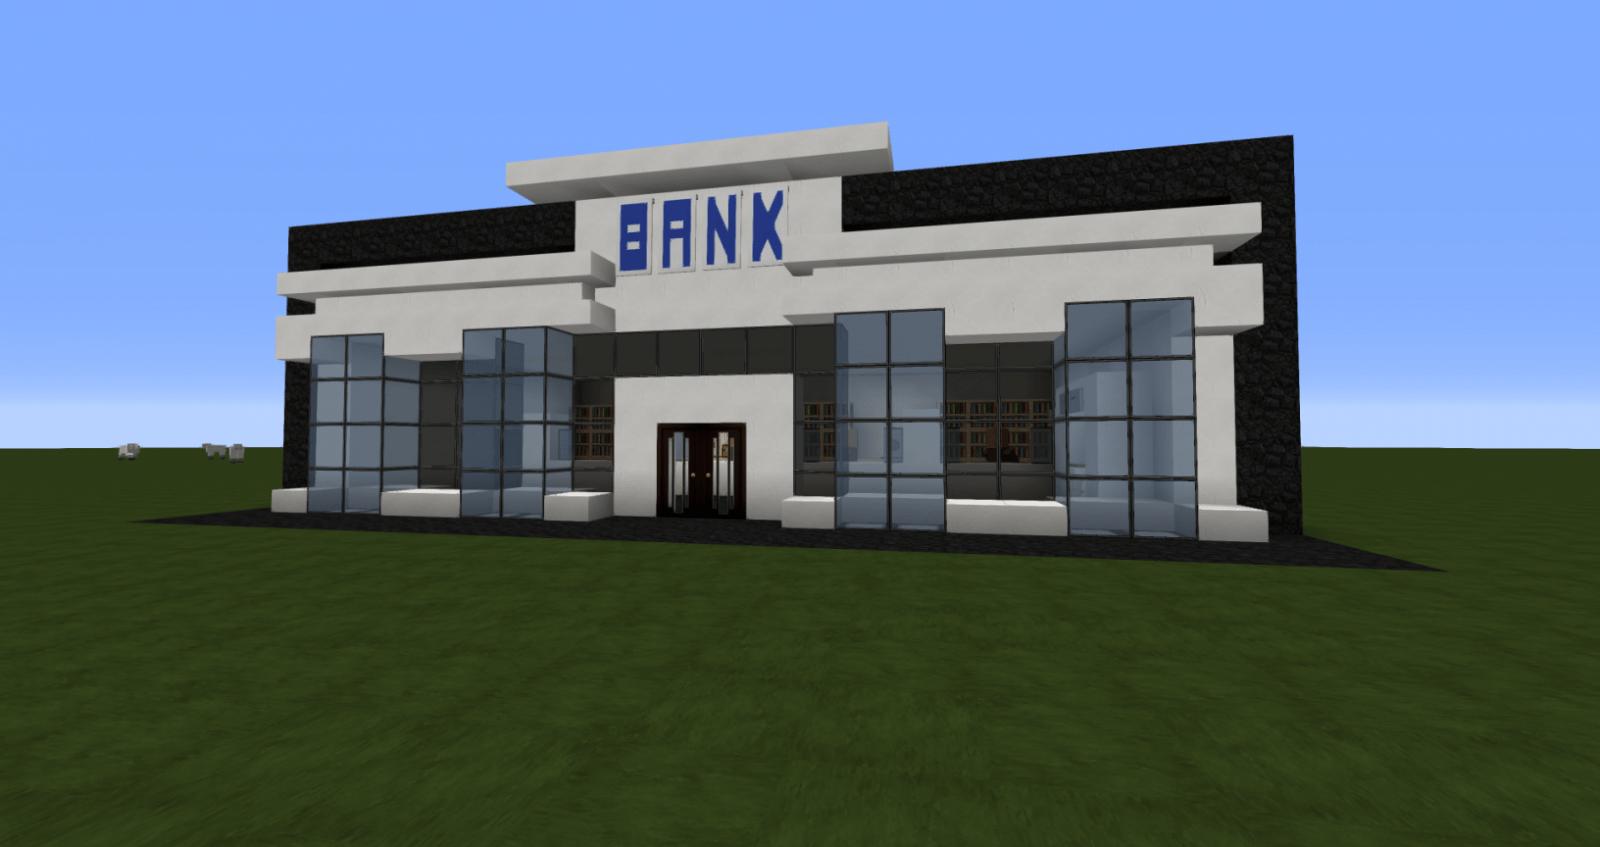 Minecraft Villa Bauplan Ideen Avec Minecraft Baupläne Für Villa Et von Minecraft Villa Modern Bauplan Bild